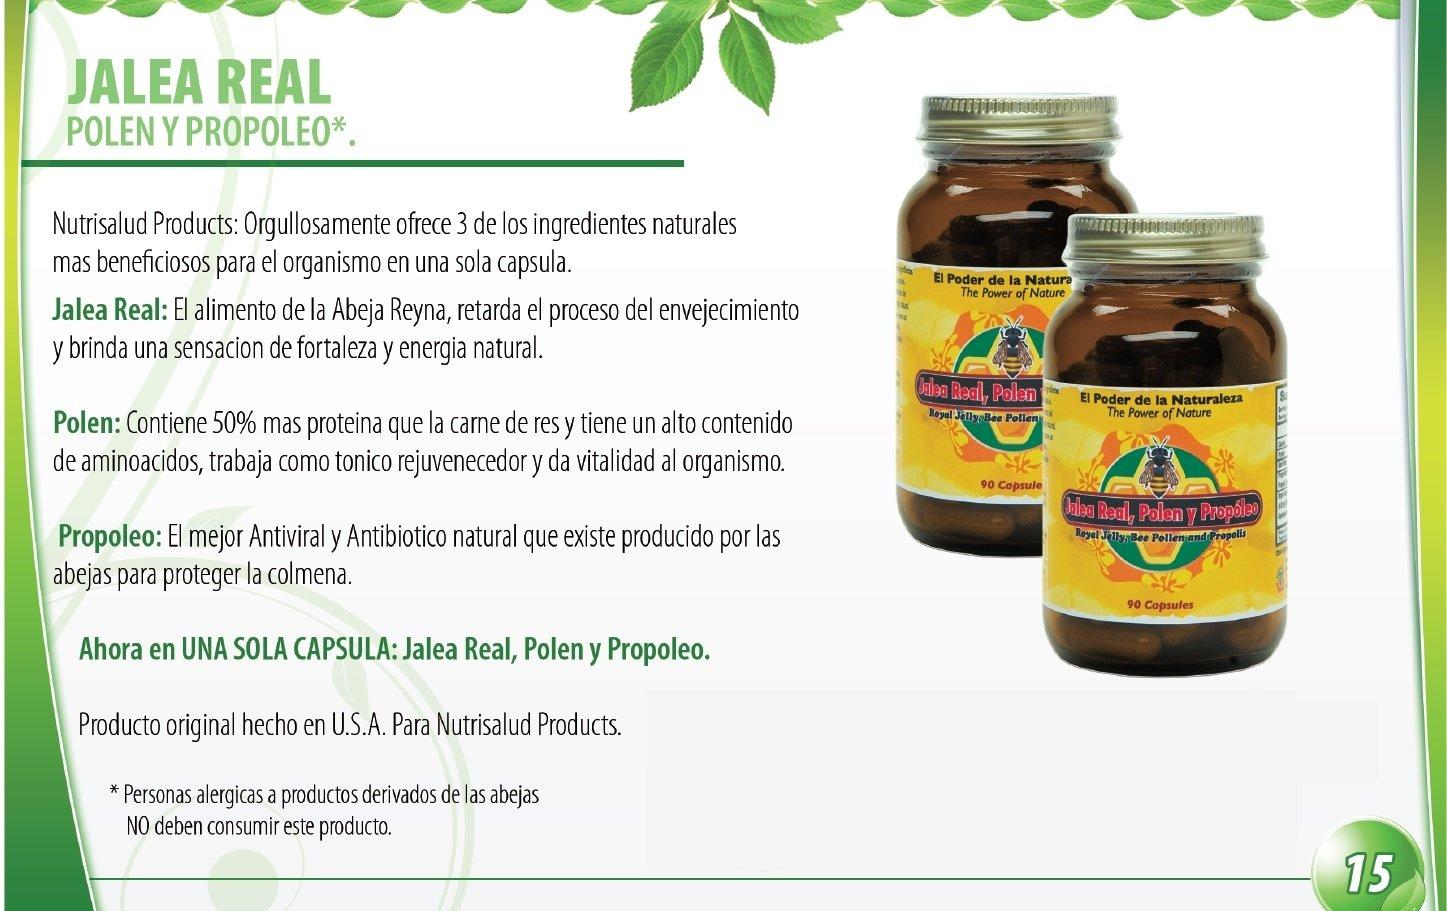 Jalea Real, Polen y Propoleo en UNA sola capsula. Maxima Potencia. Tonico rejuvenecedor, energia Natural, el Mejor antiviral y antibiotico producido por las abejas.Set de 2 frascos con 90 caps. c/u.